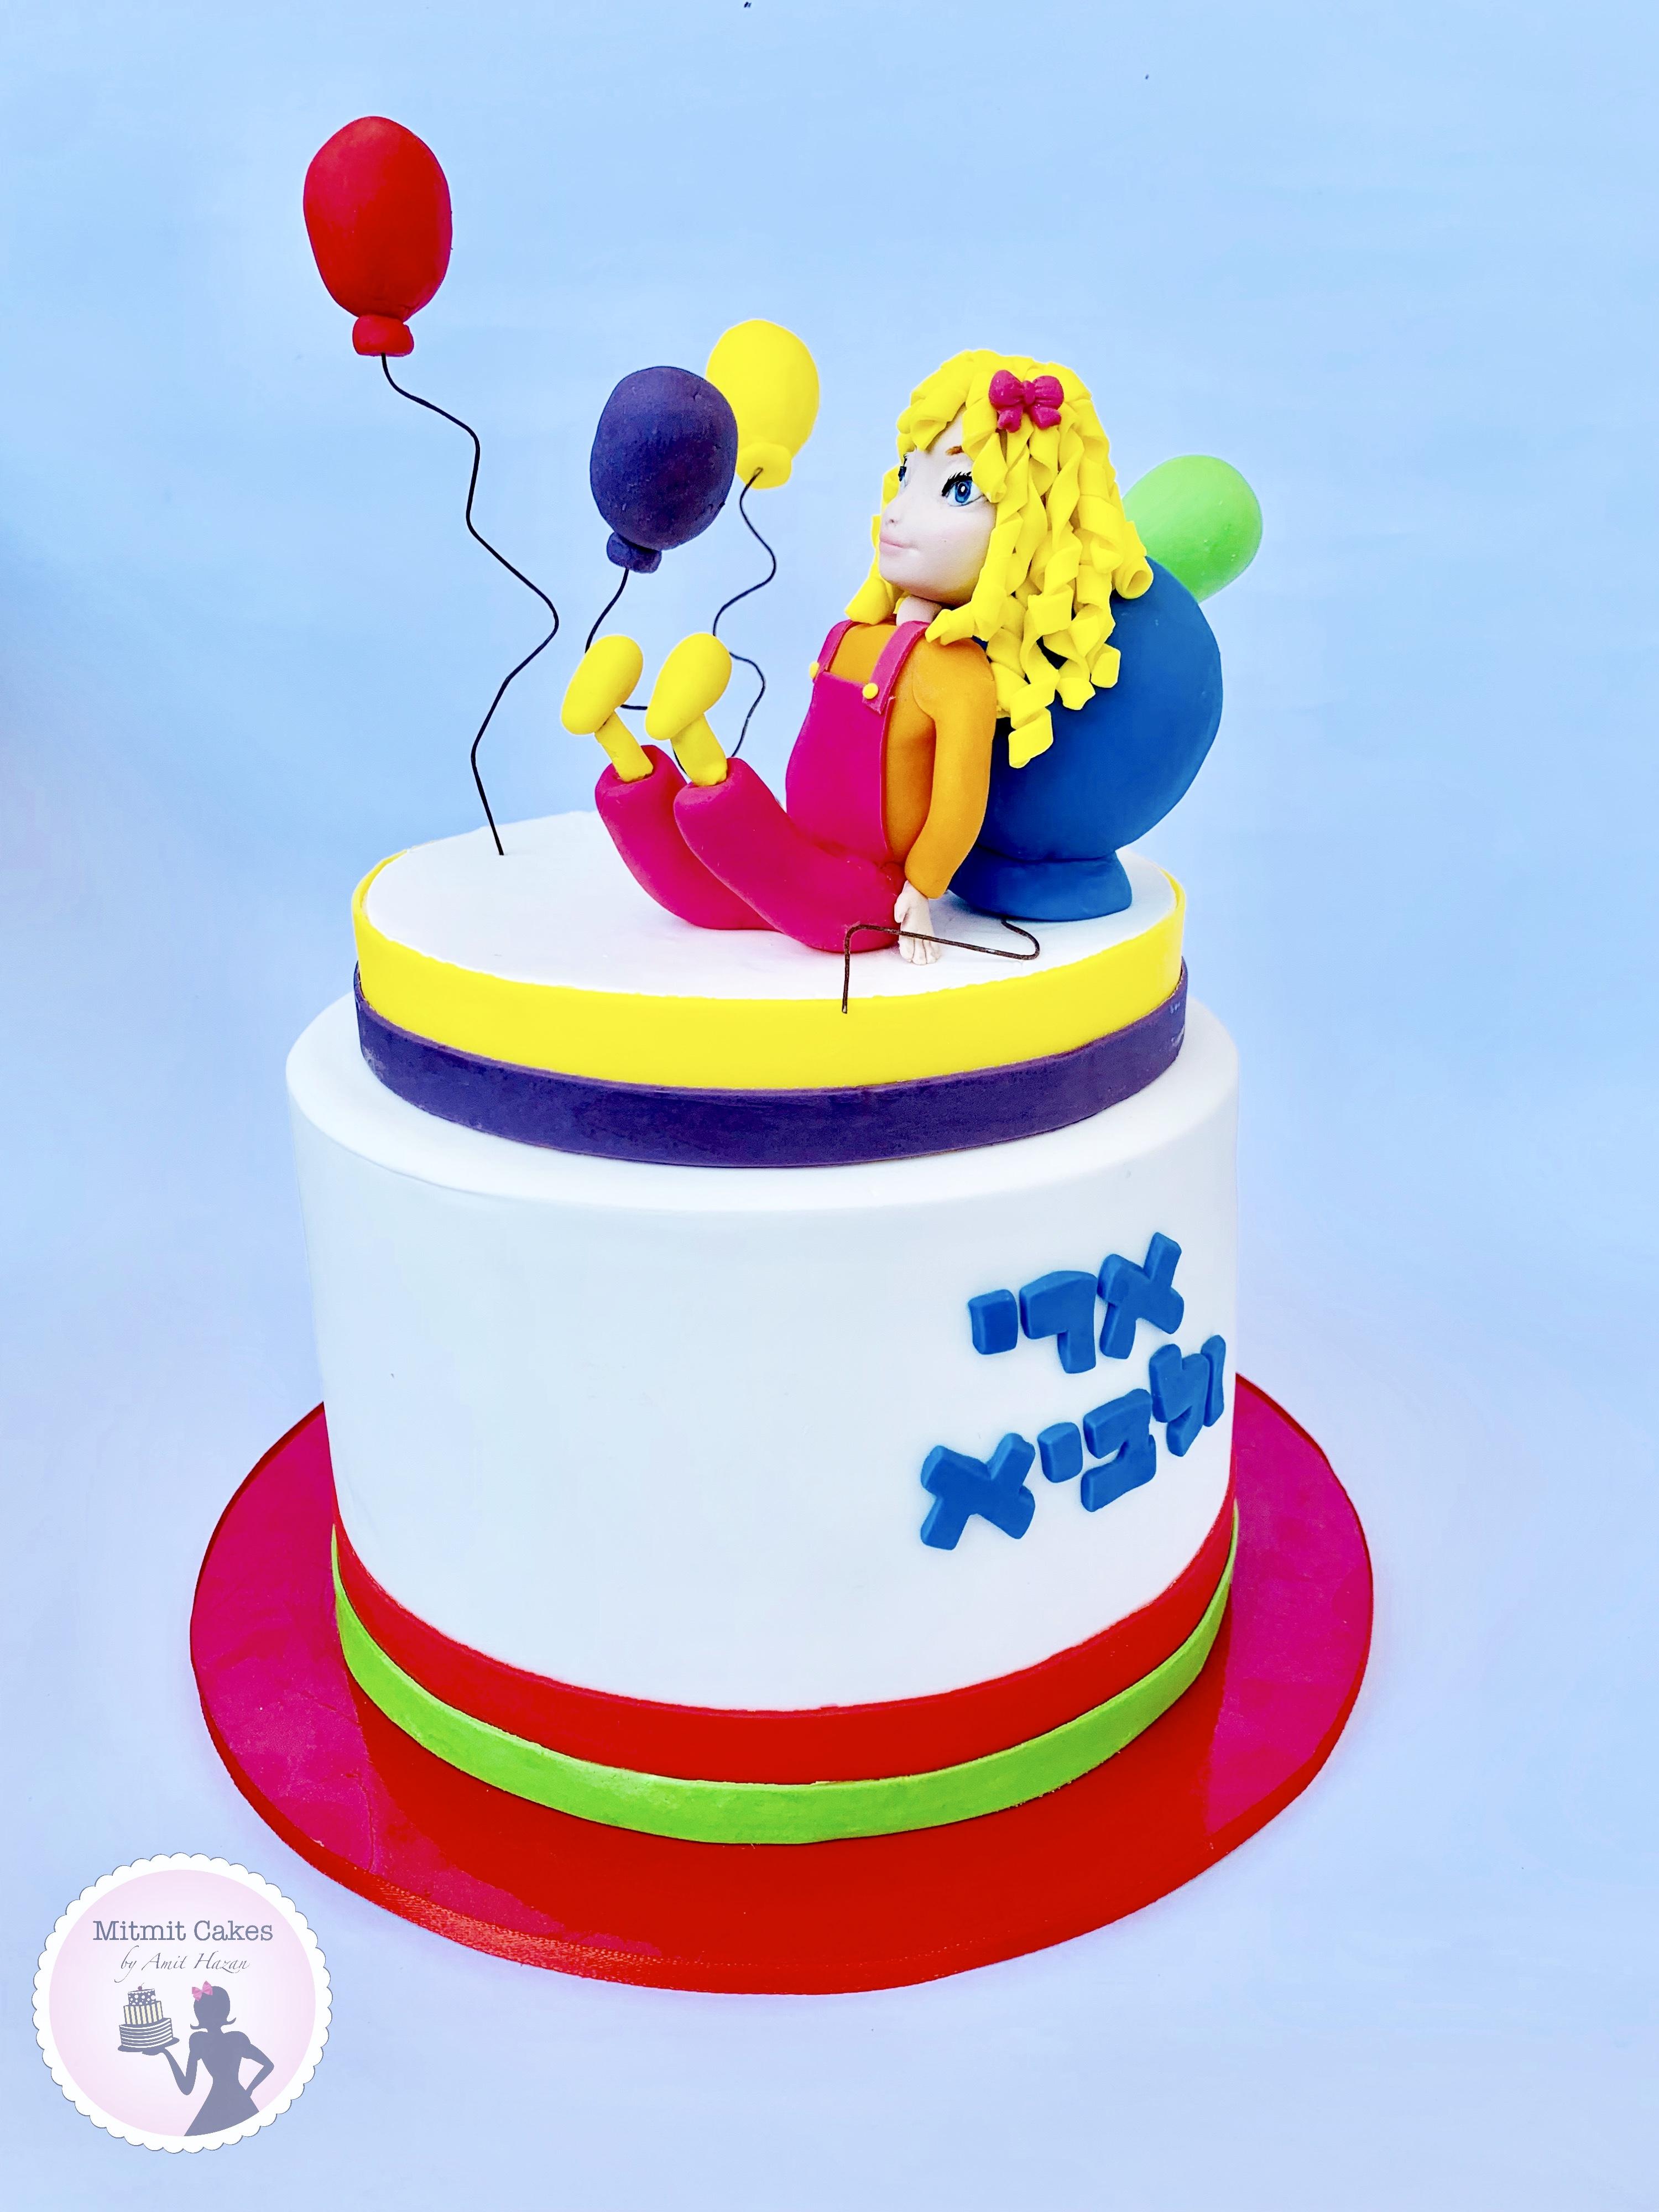 עוגת מעשה בחמישה בלונים